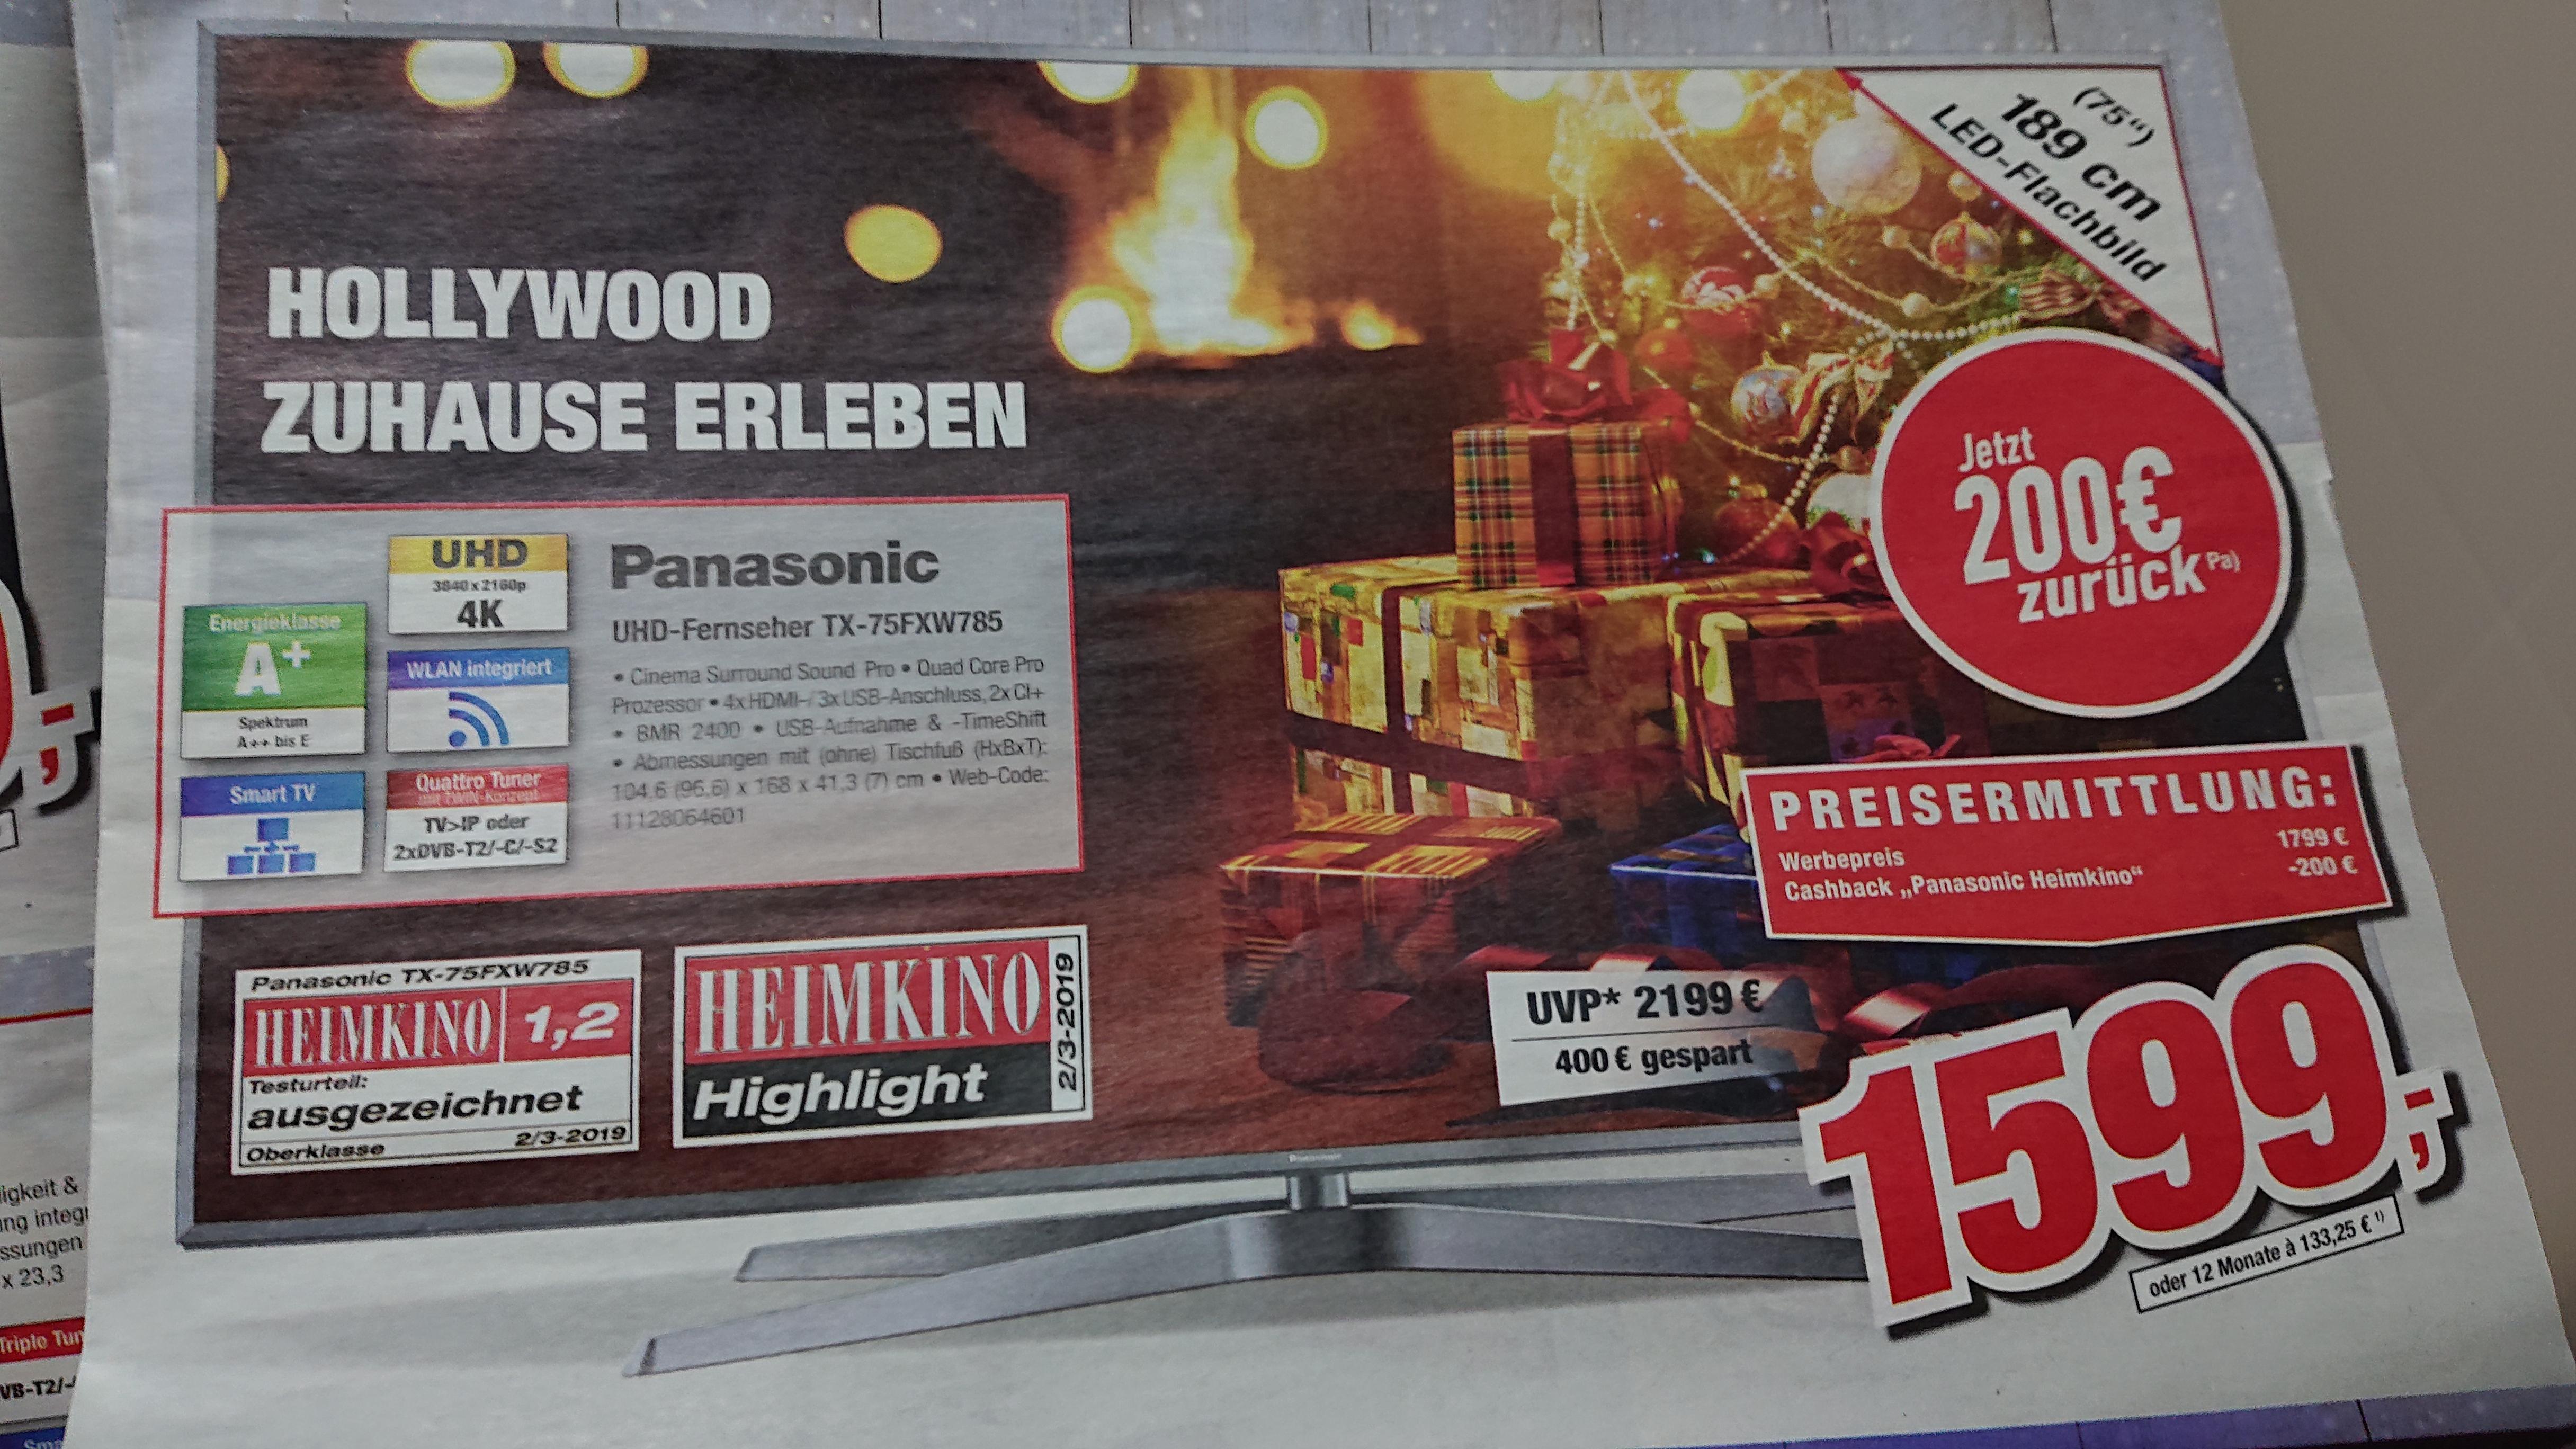 Lokal TootalMarkt Vechta oder EURONICS XXL Gummersbach!Panasonic 4K Ultra HD TV TX-75FXW 785 metal silver Nur 1599,- Euro